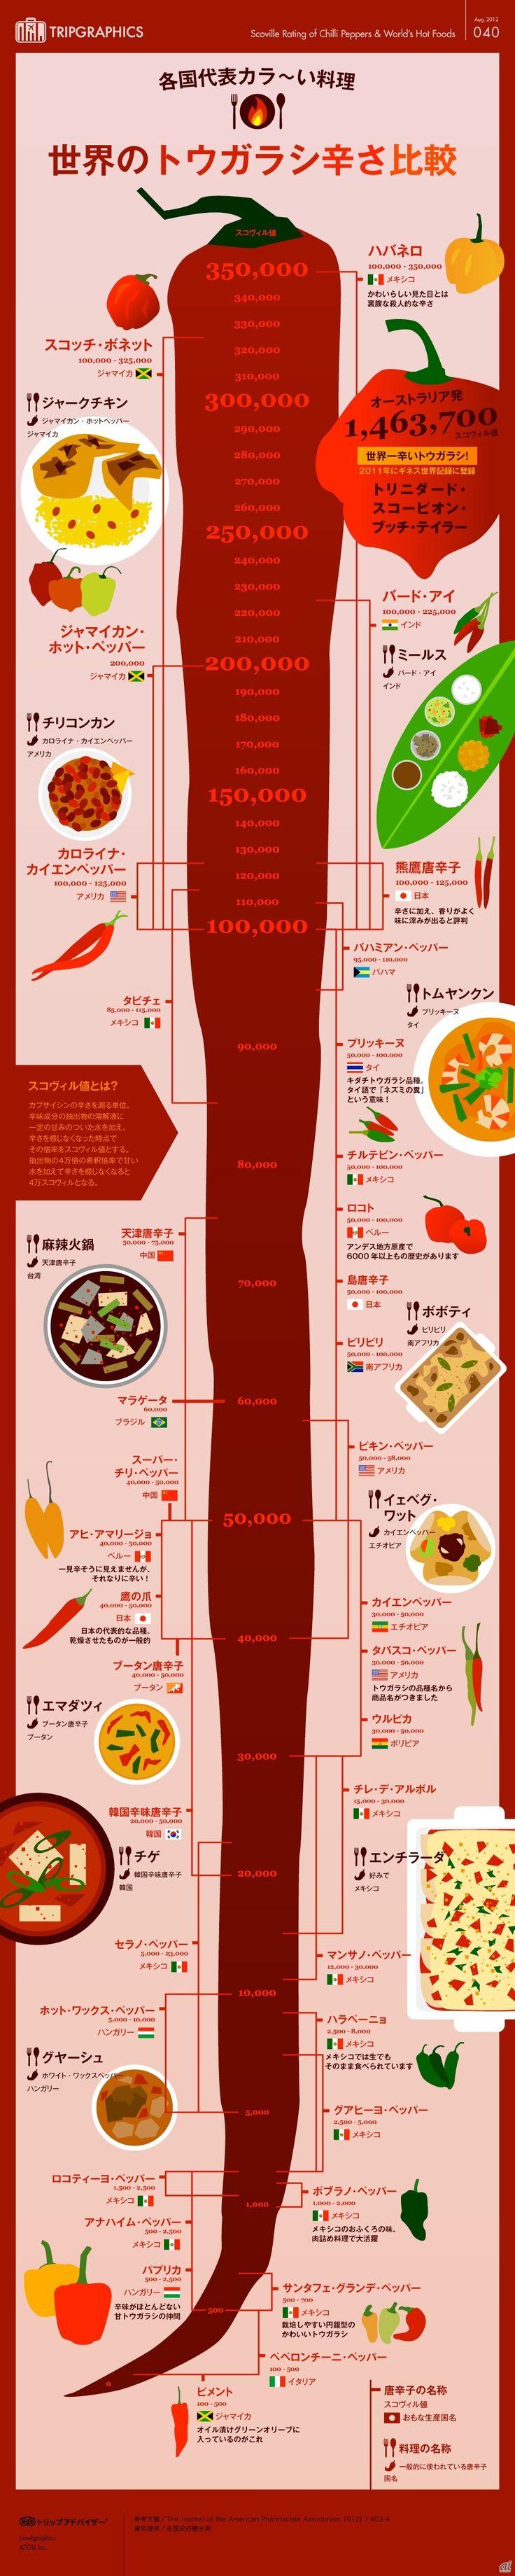 世界の唐辛子  http://japan.cnet.com/storage/2012/08/23/8ca7ded12a64b7a4ef3a01351818e67d/toga.jpg